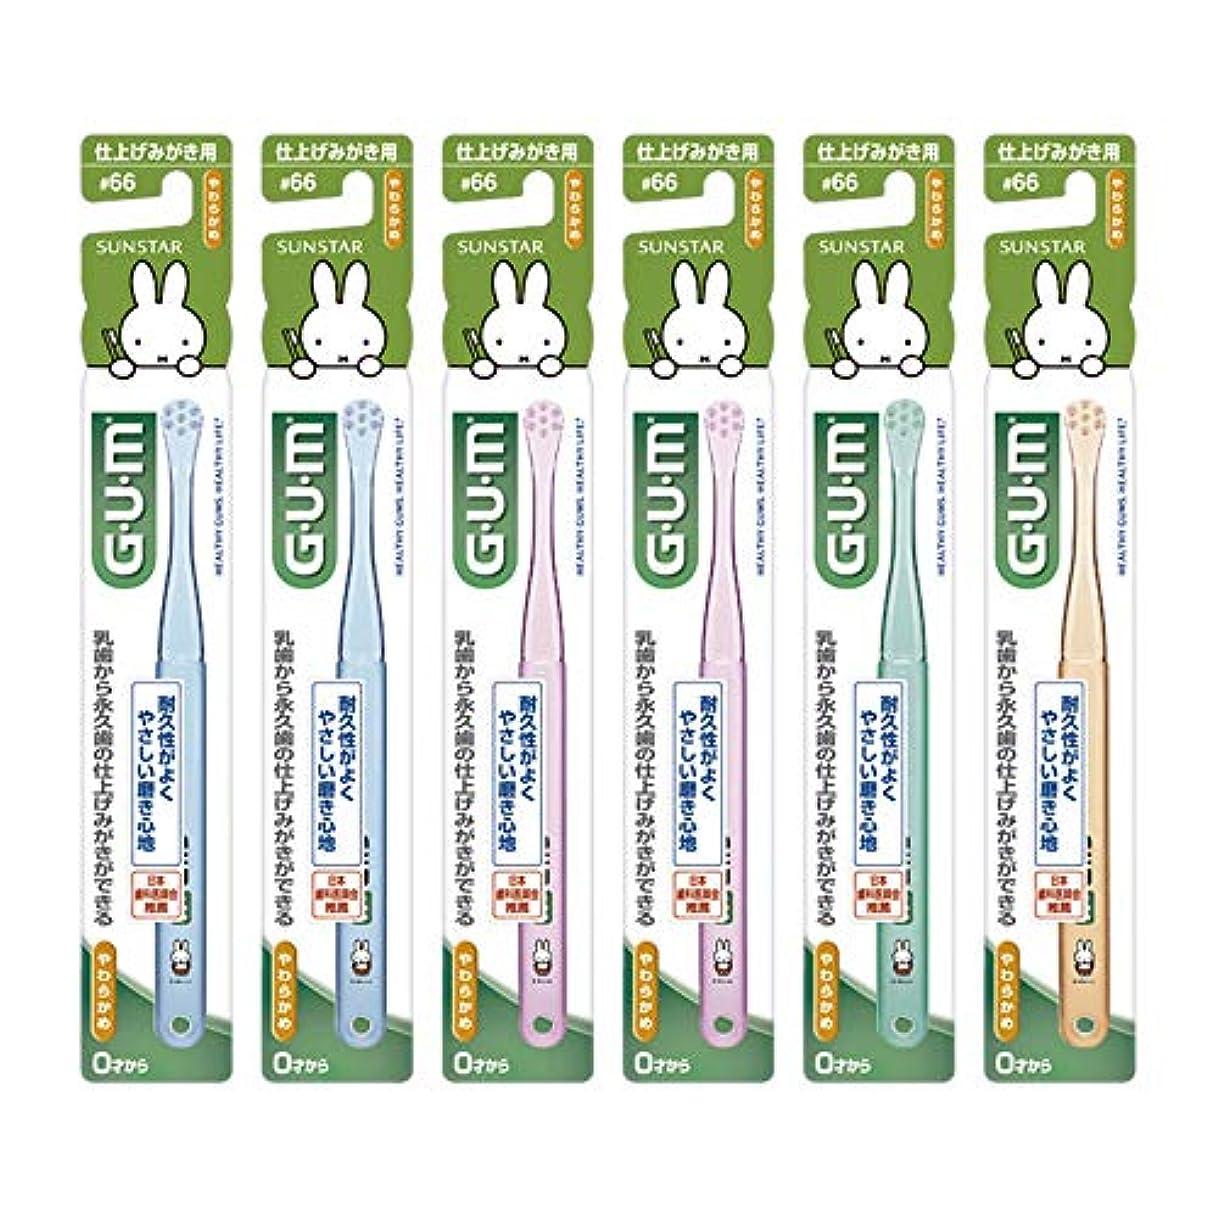 不承認透明におもしろいGUM(ガム) デンタル こども 歯ブラシ #66 [仕上げみがき用/やわらかめ] 6本パック+ おまけつき【Amazon.co.jp限定】